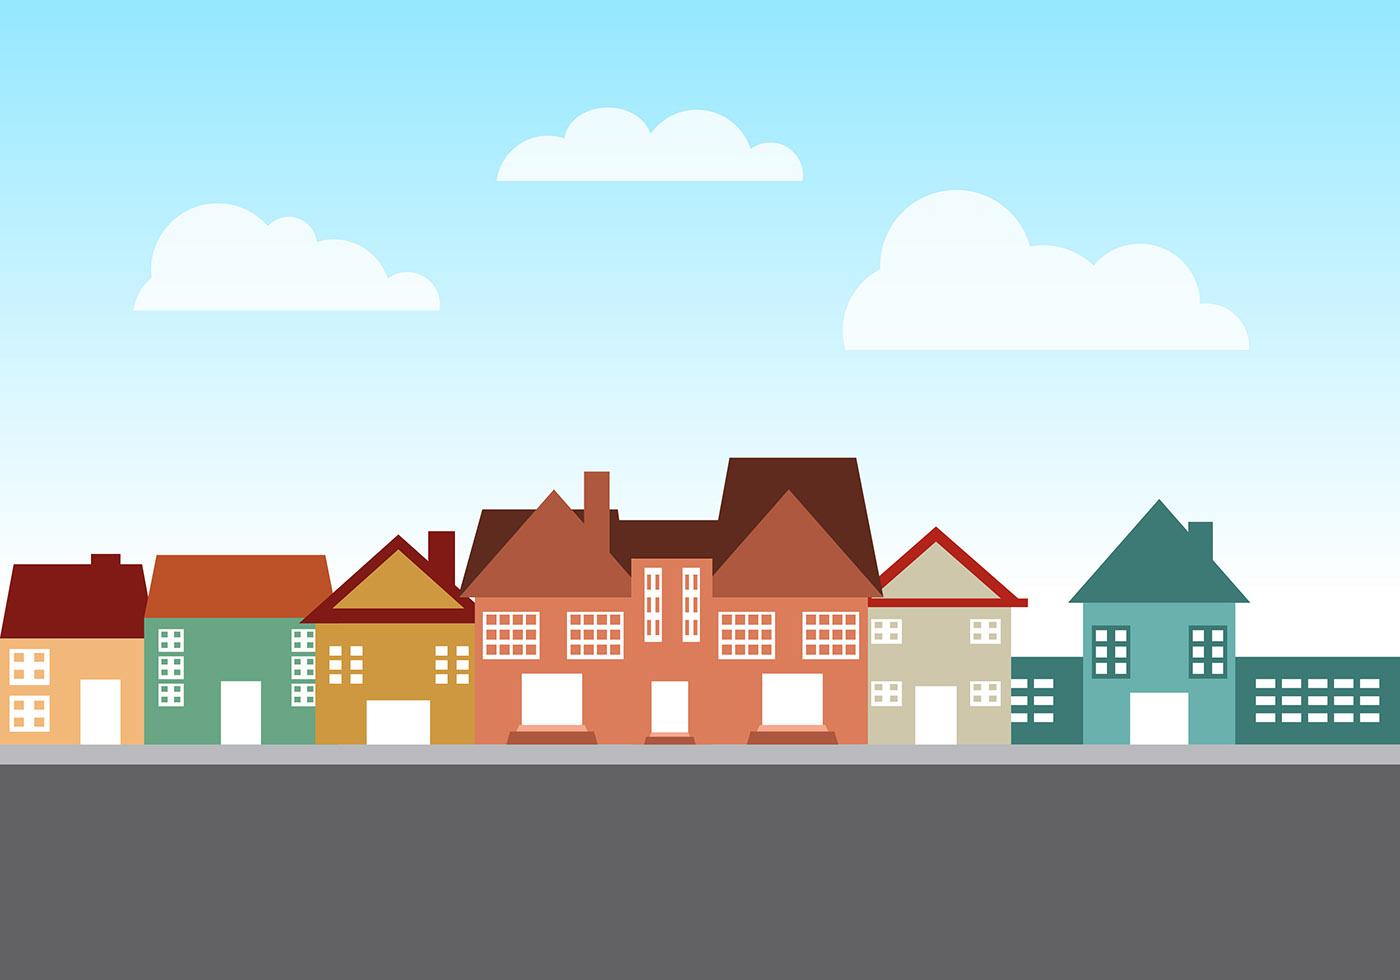 Townhomes Vectors Download Free Vector Art Stock